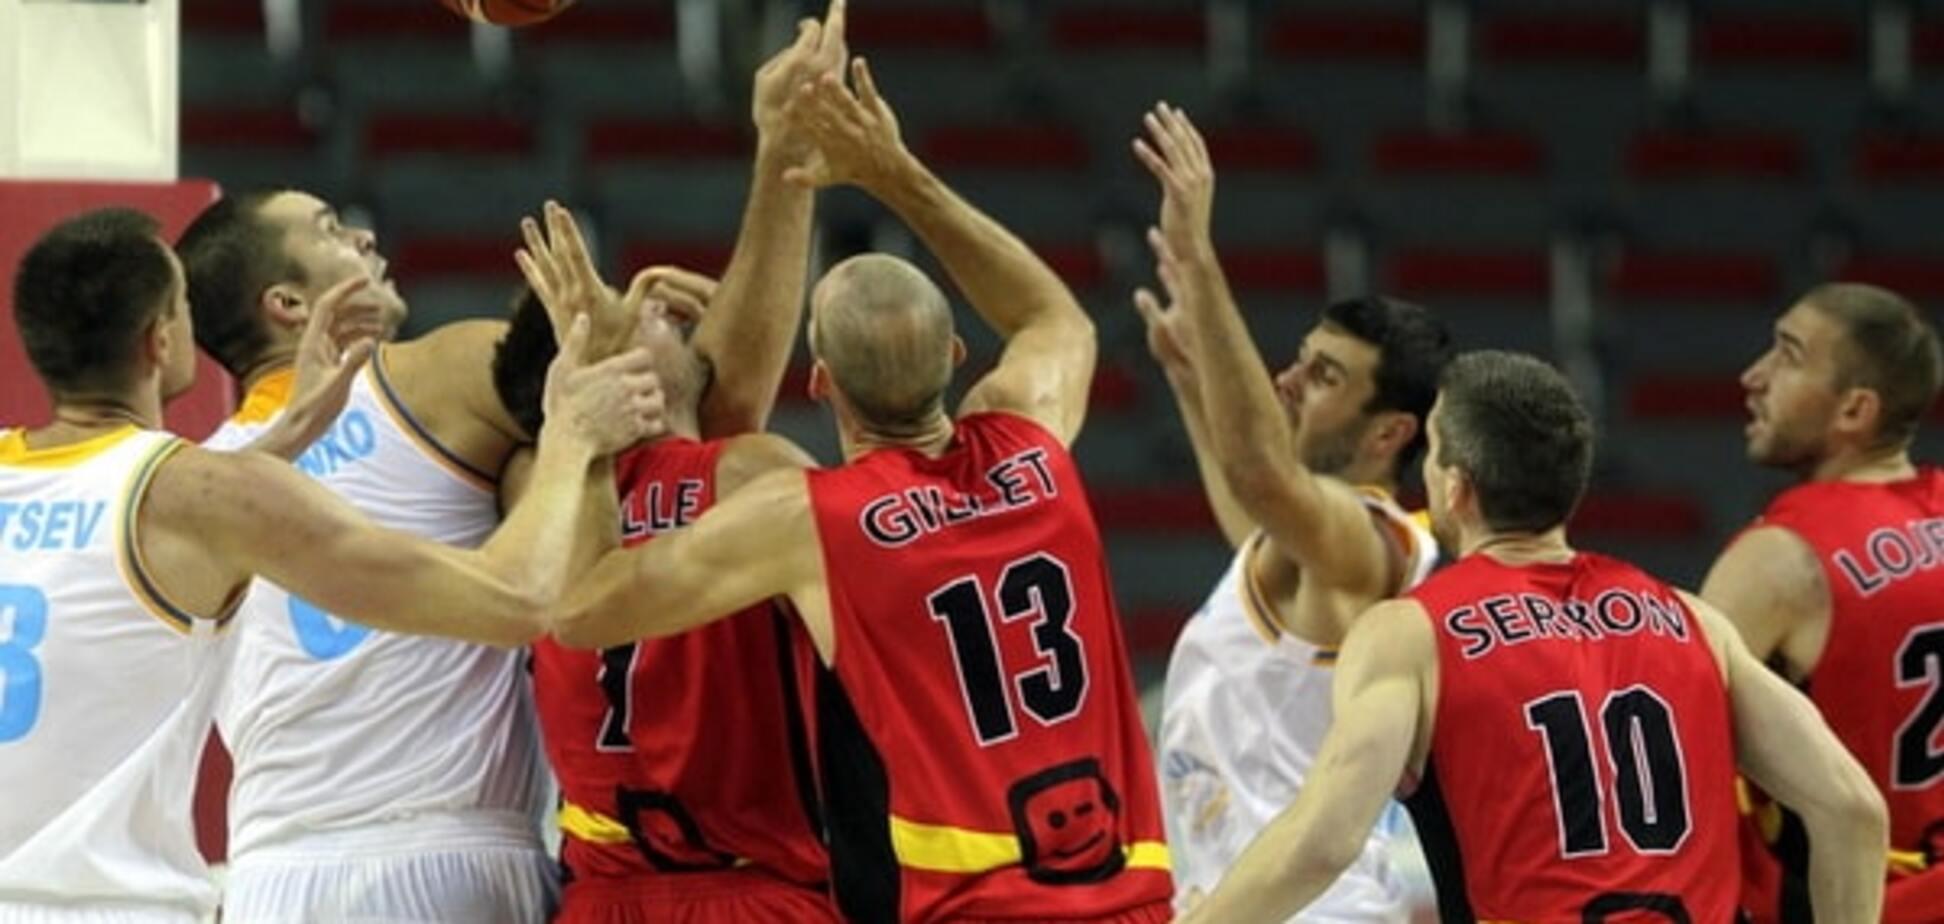 А вы ждали медалей? Краткий итог выступления сборной Украины на Евробаскете-2015